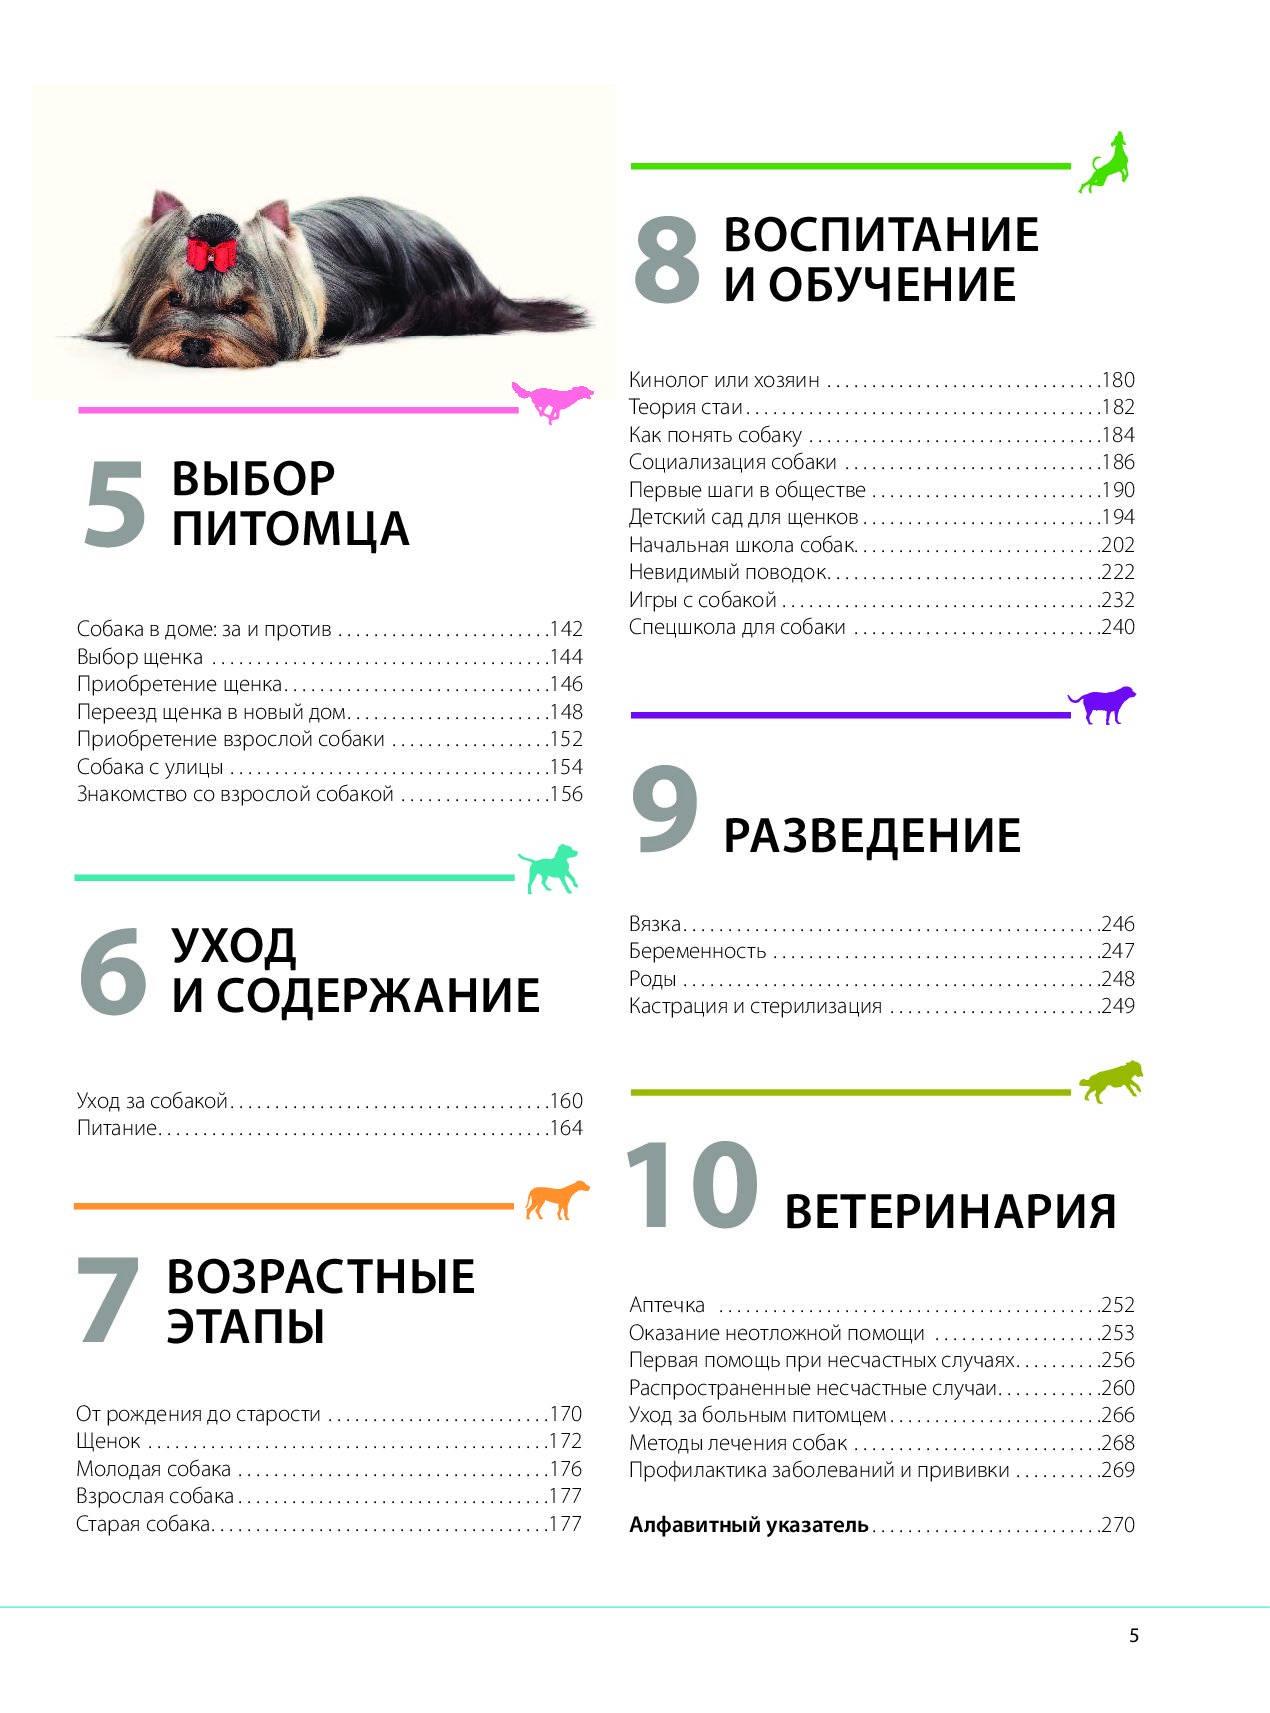 Как приучить щенка к туалету и еще 9 советов по воспитанию щенка. купить собаку маленькой породы: воспитание щенка и уход за щенком.